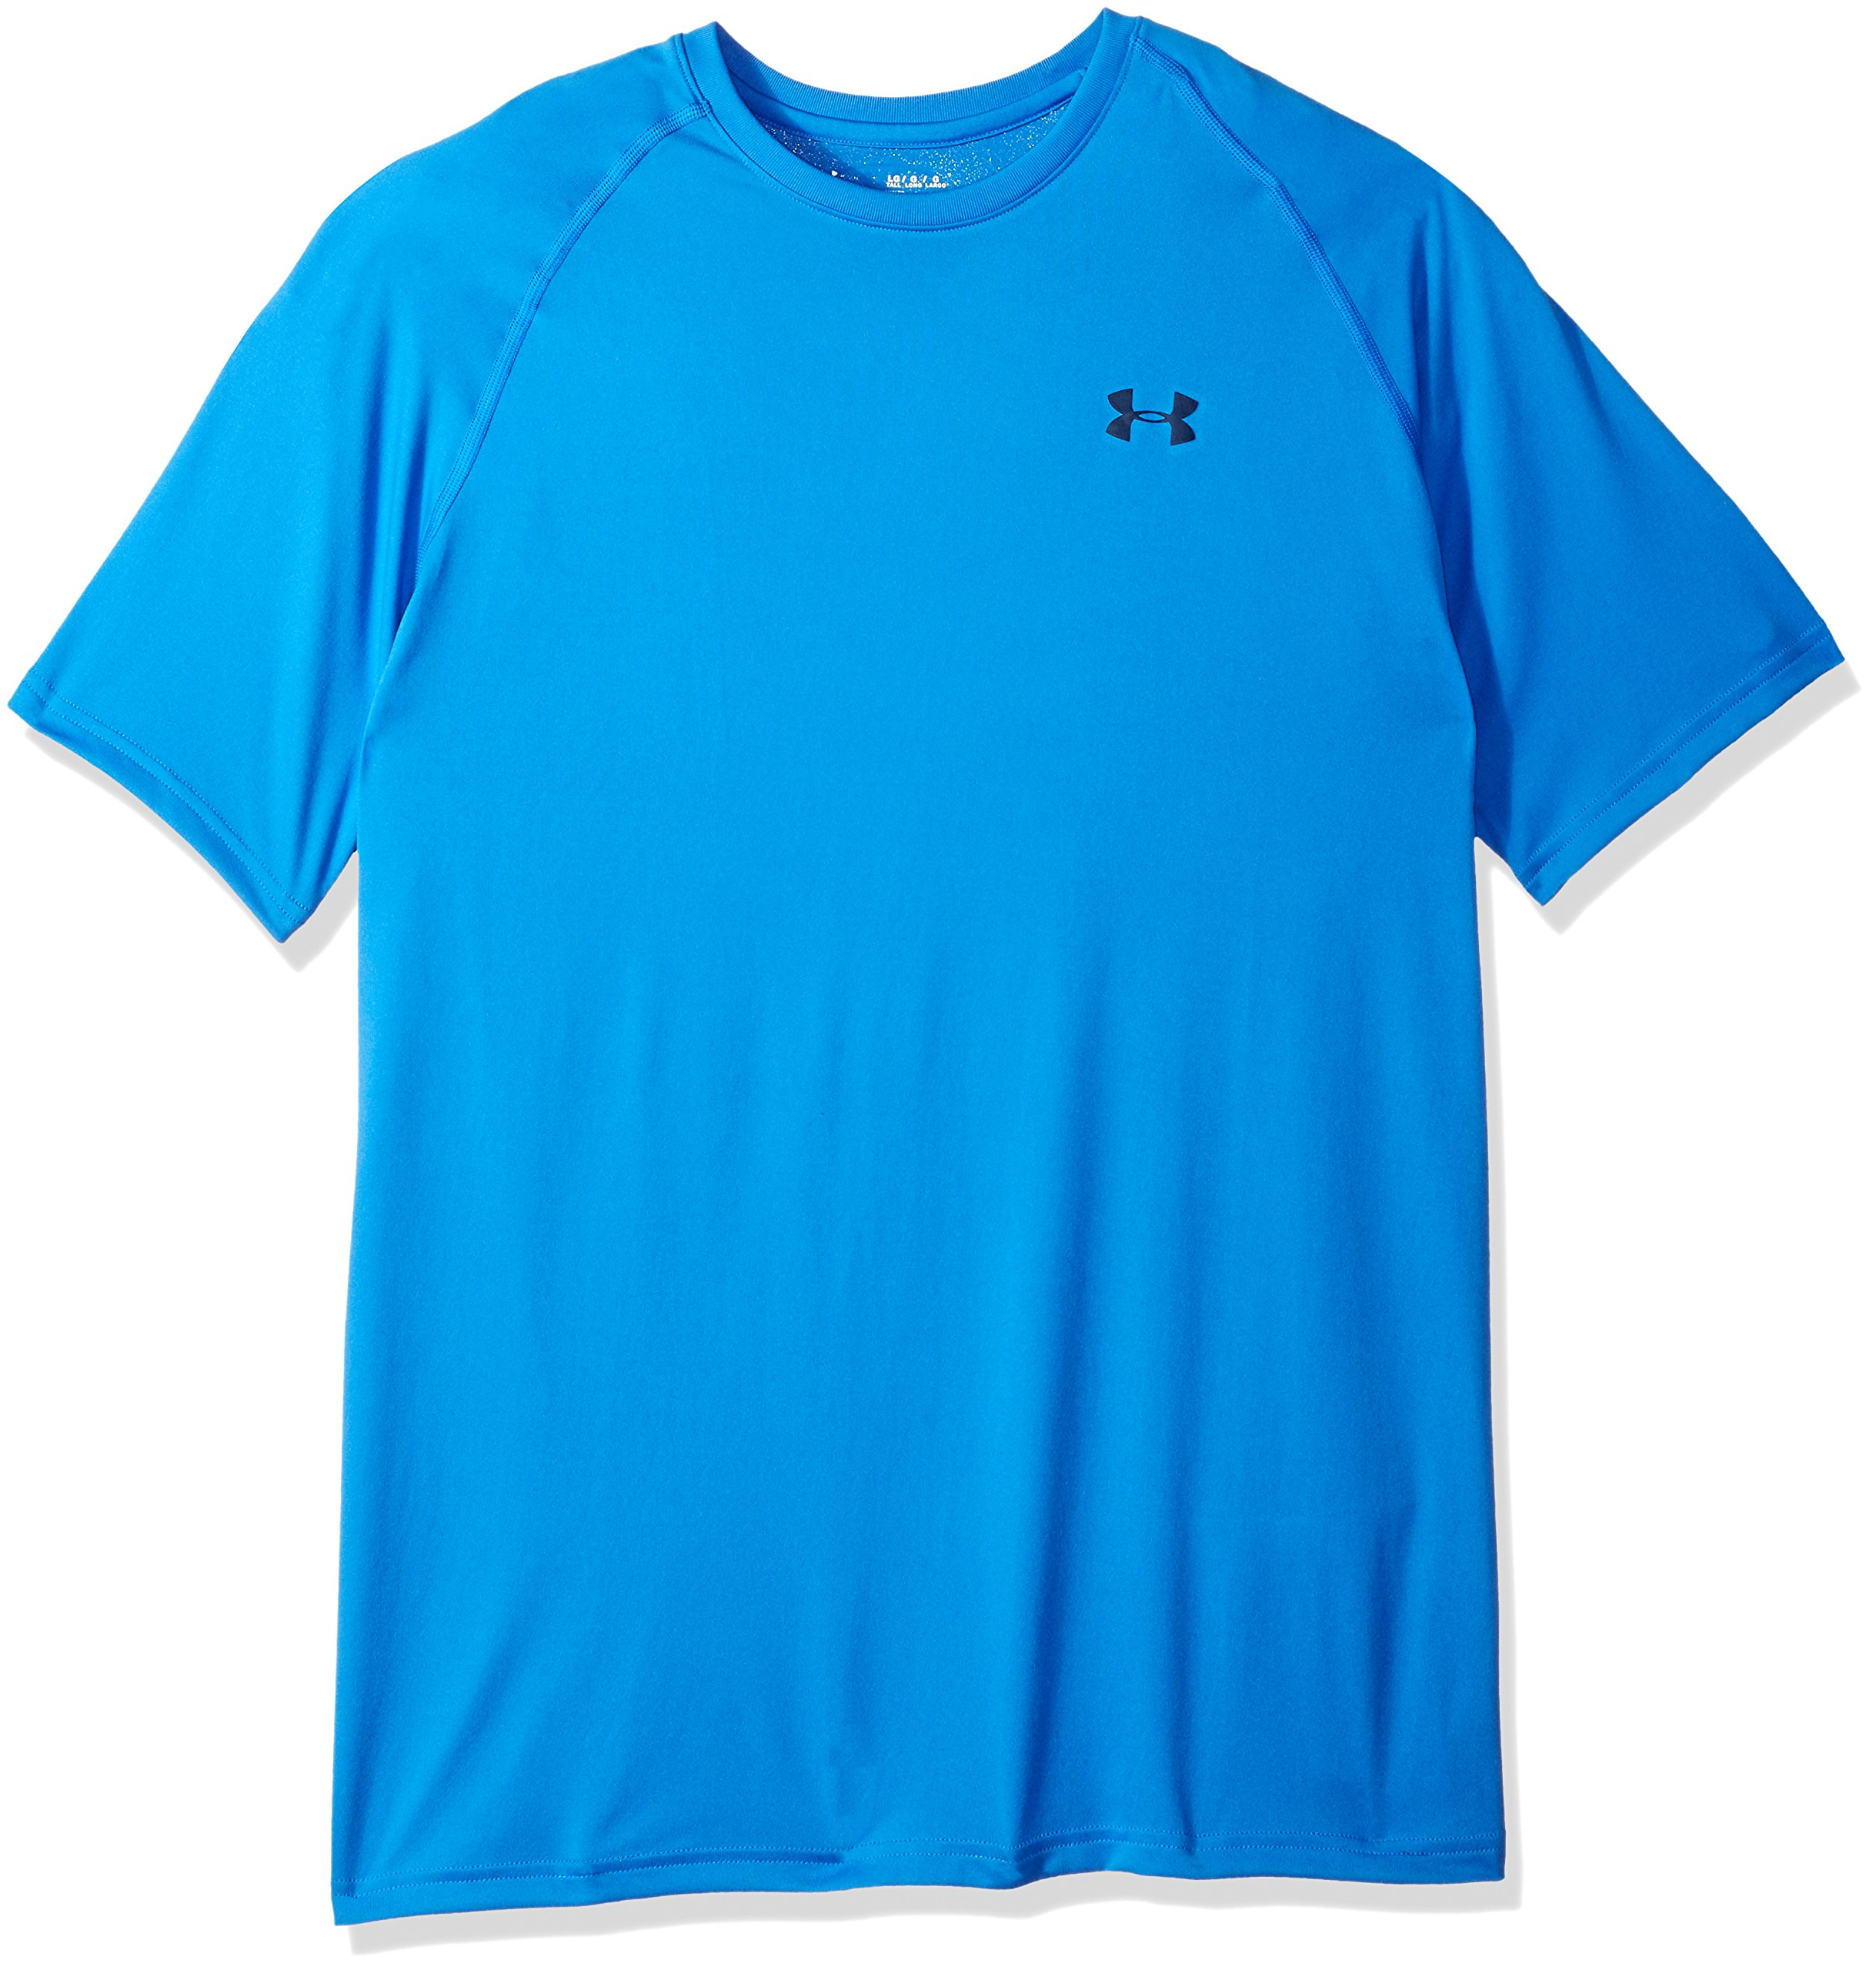 Under Armour Men's Tech Short Sleeve T-Shirt, Mediterranean (437)/Academy, Small